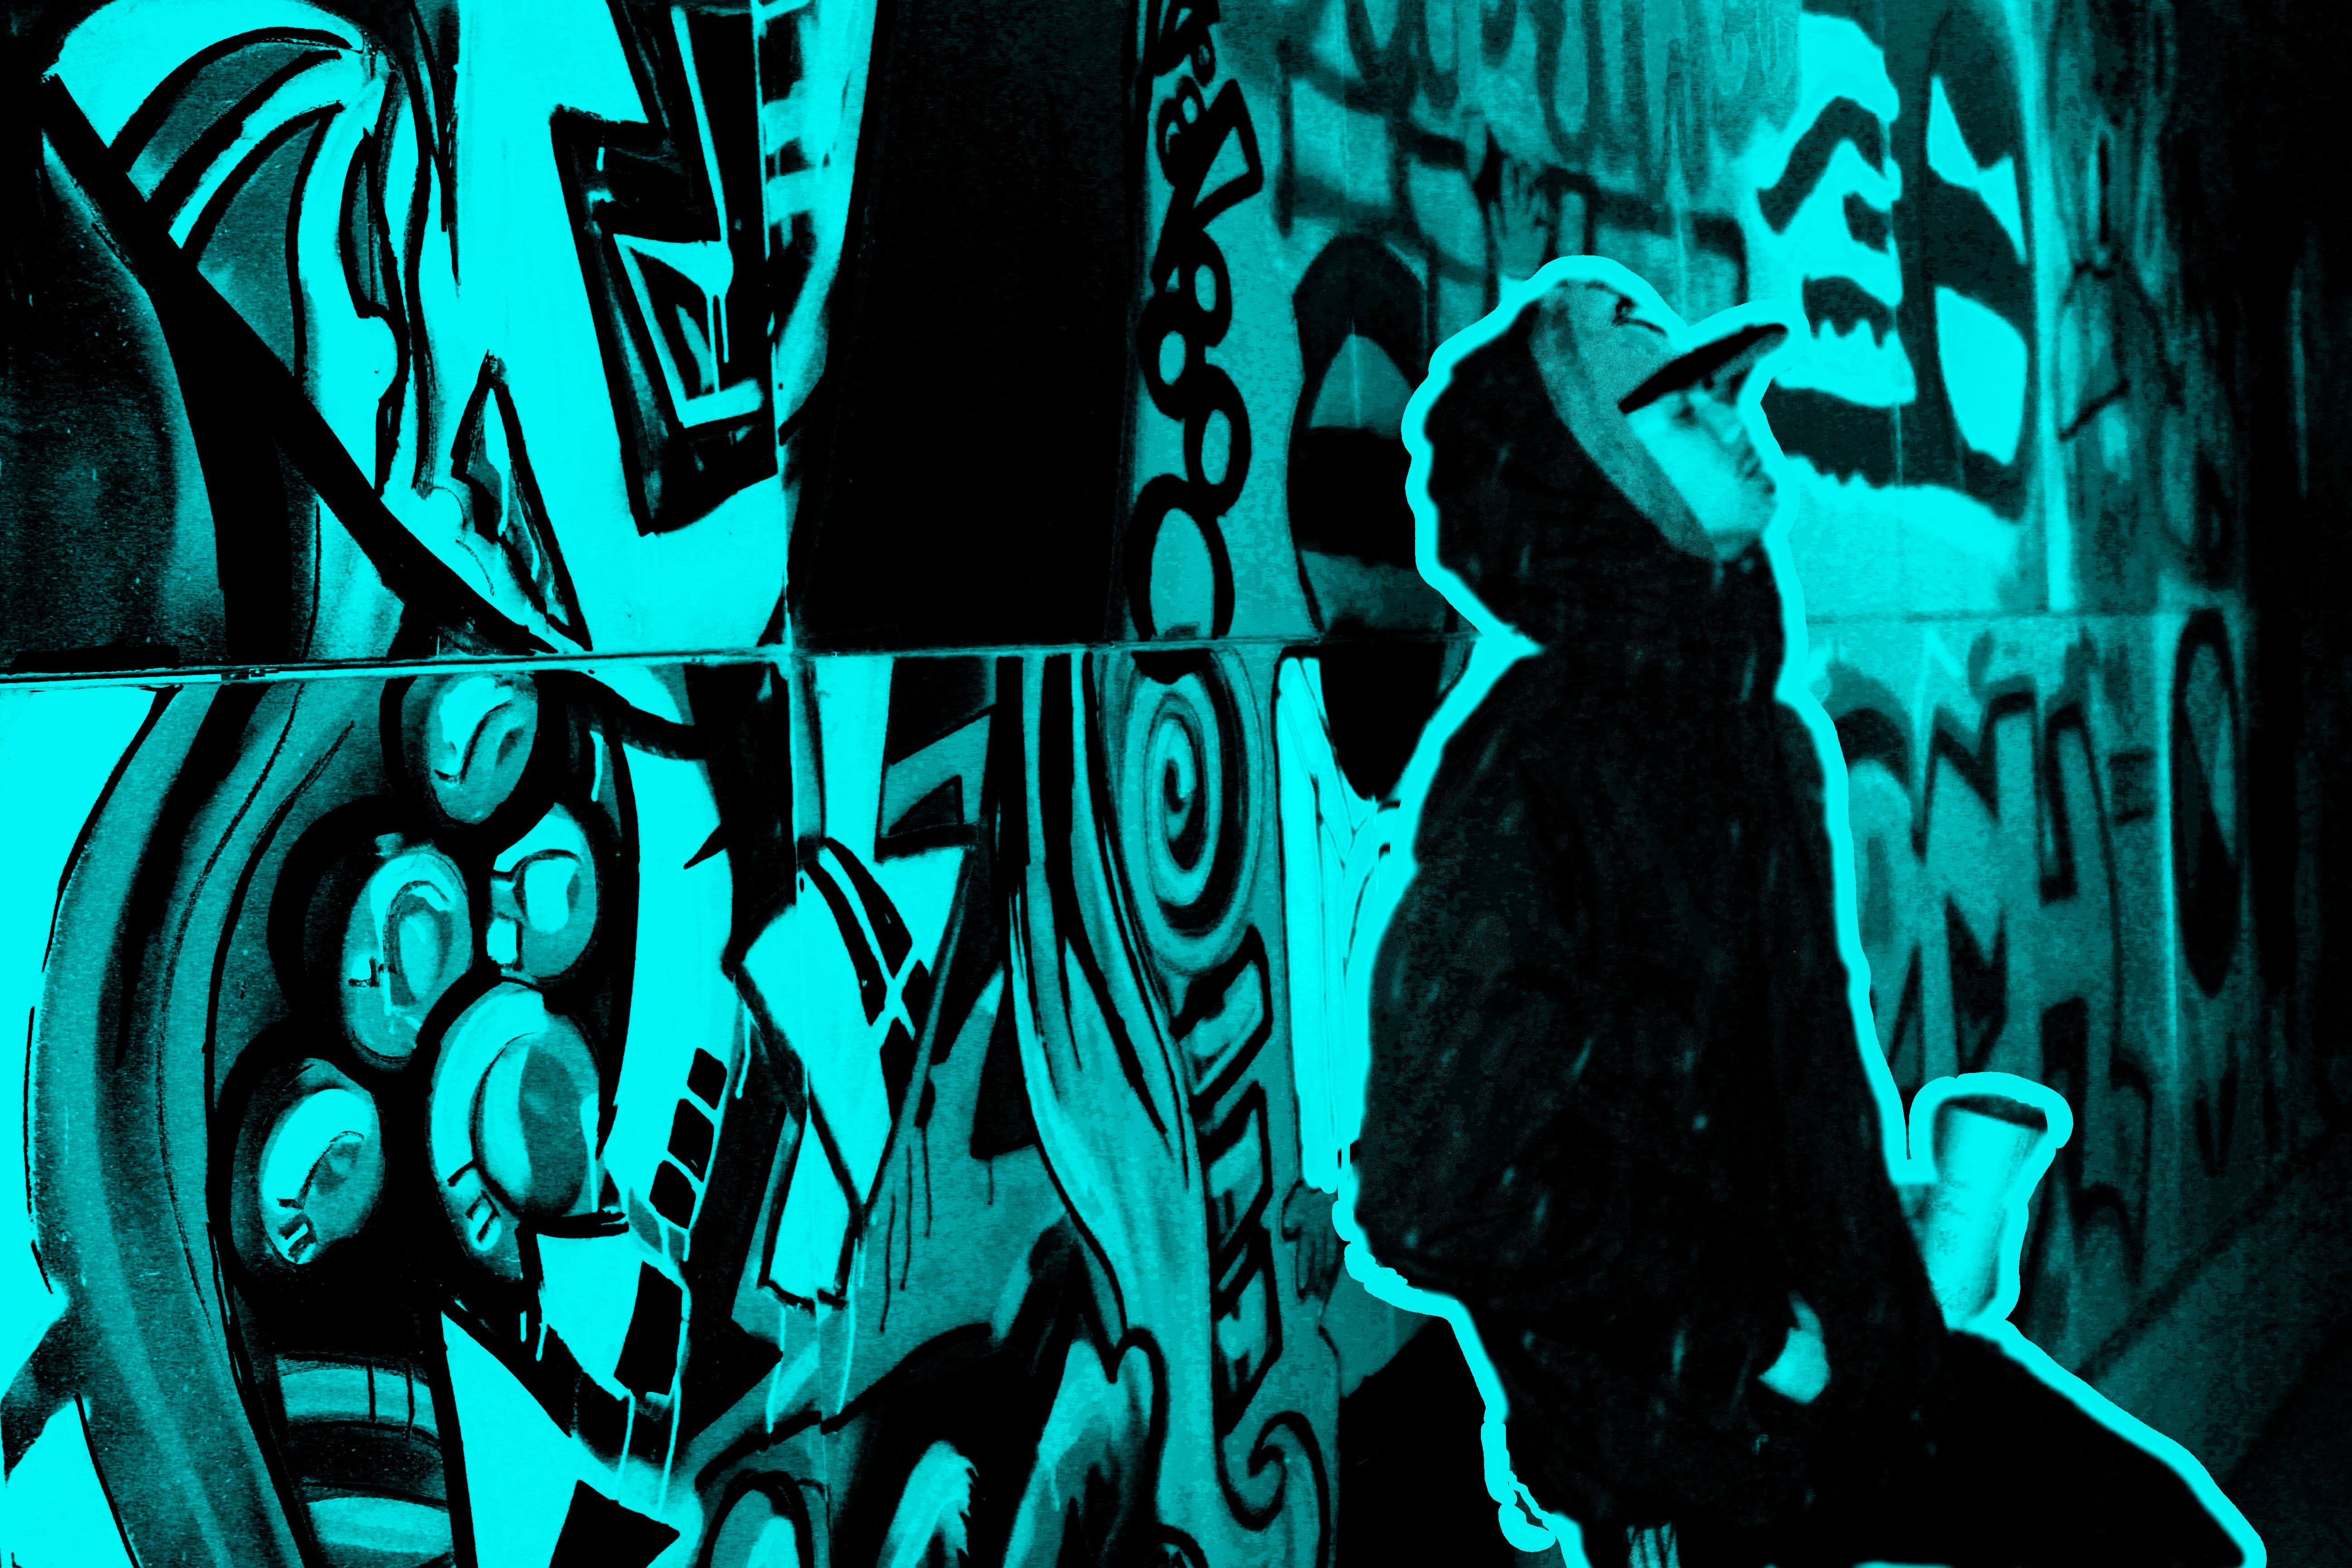 aidge standing against a graffiti wall